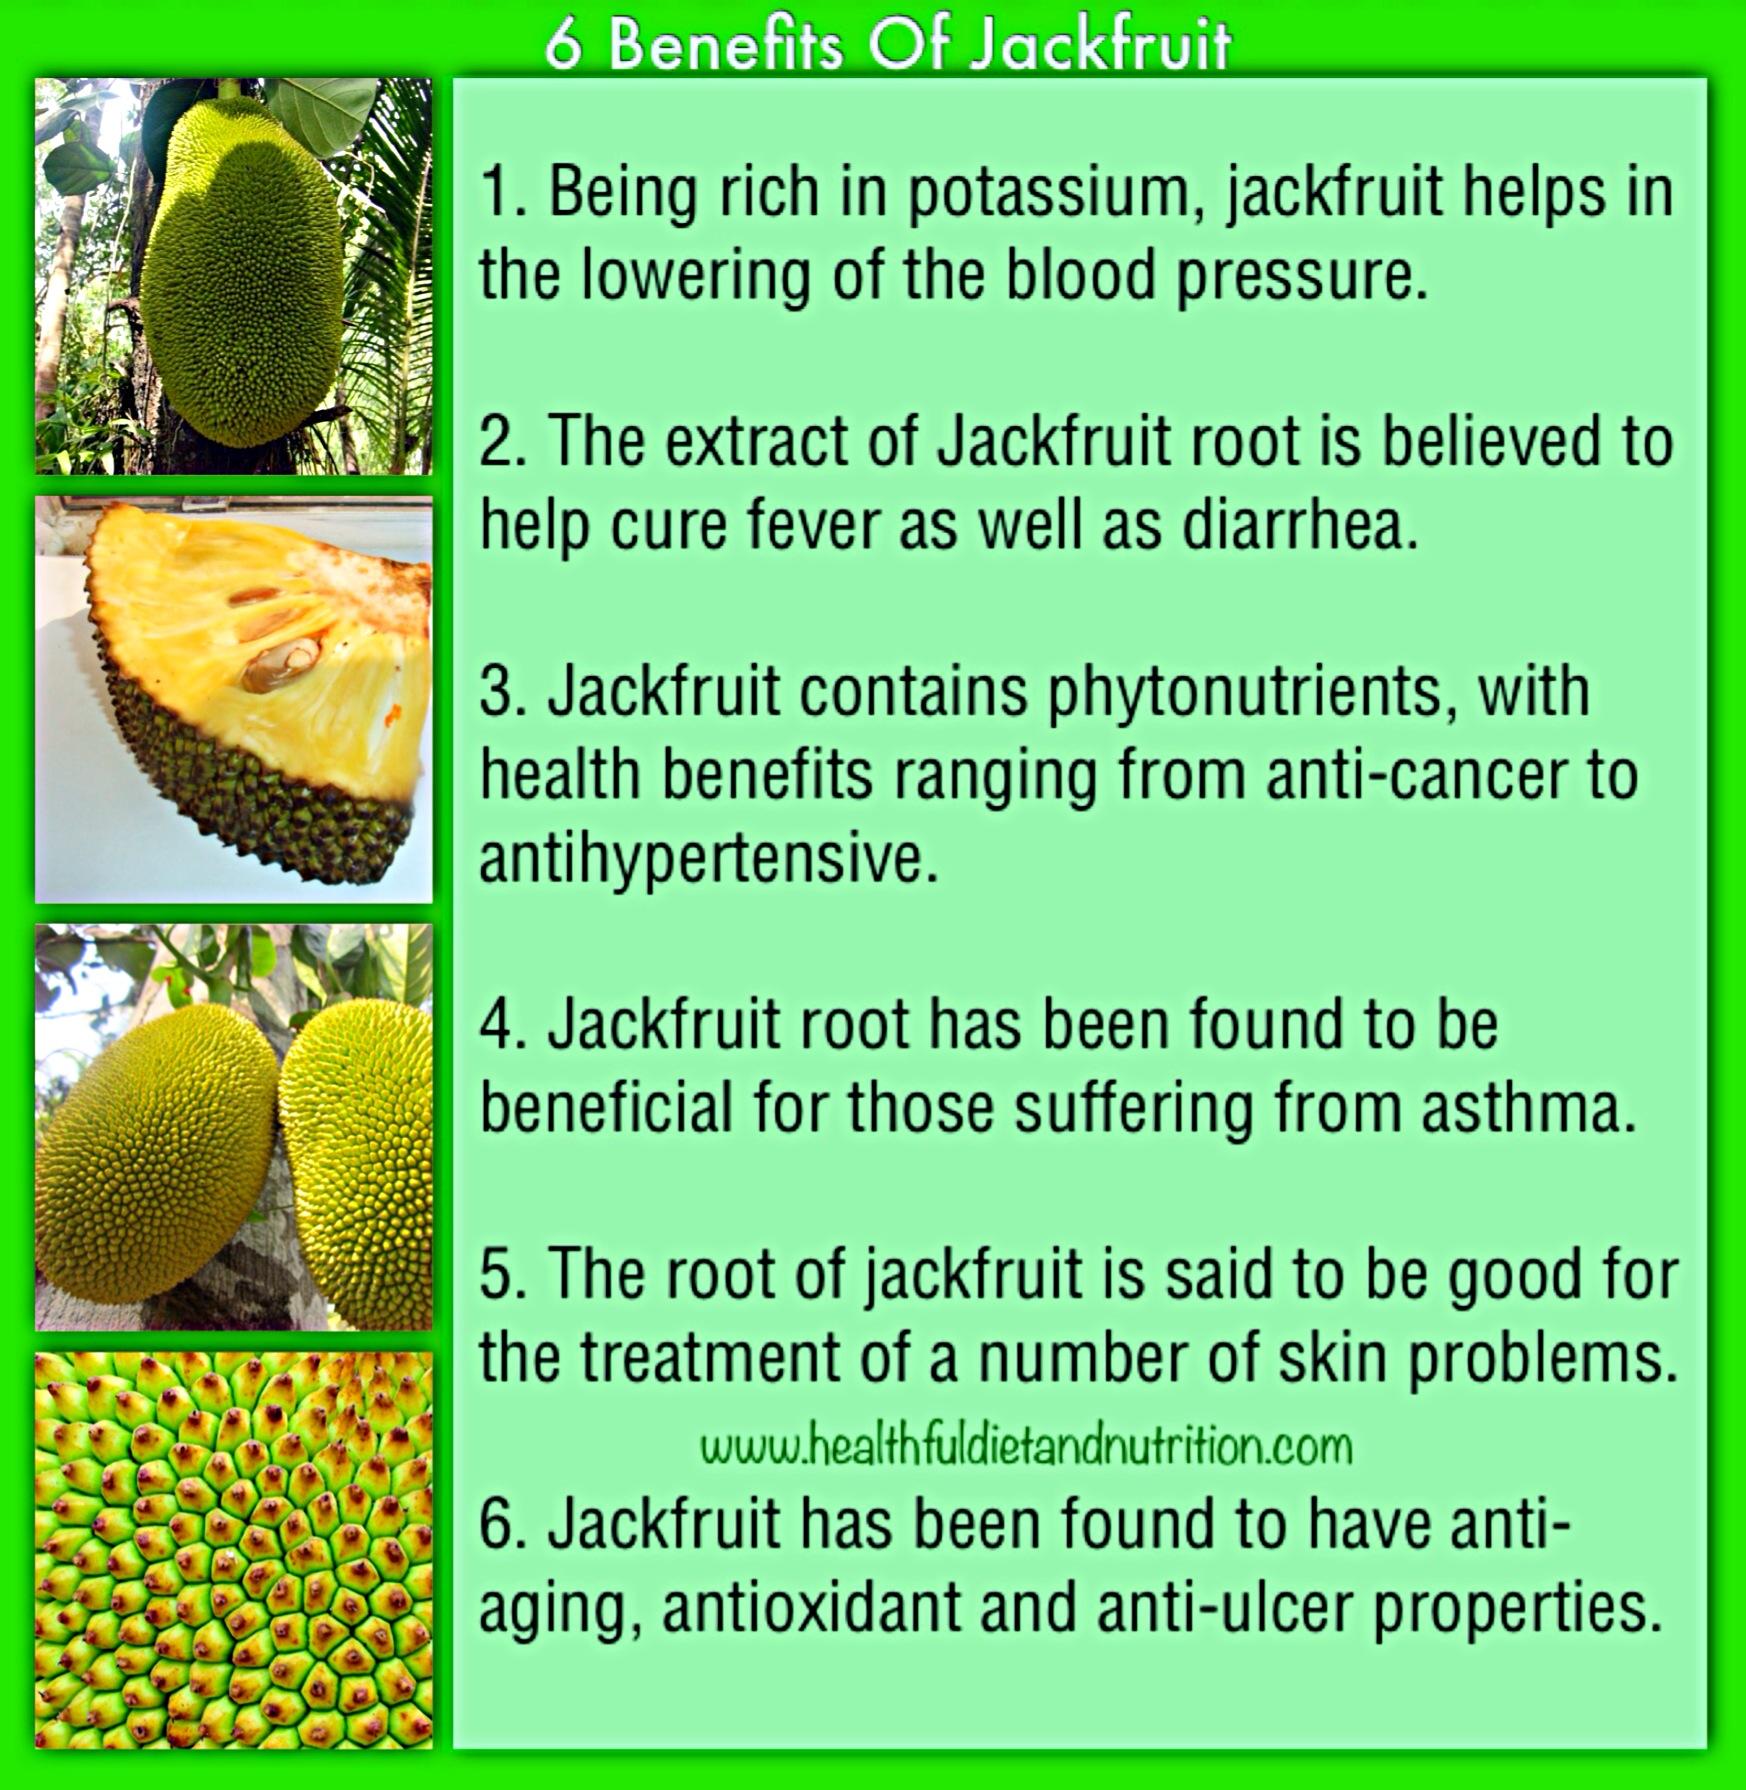 6 Benefits of Jackfruit